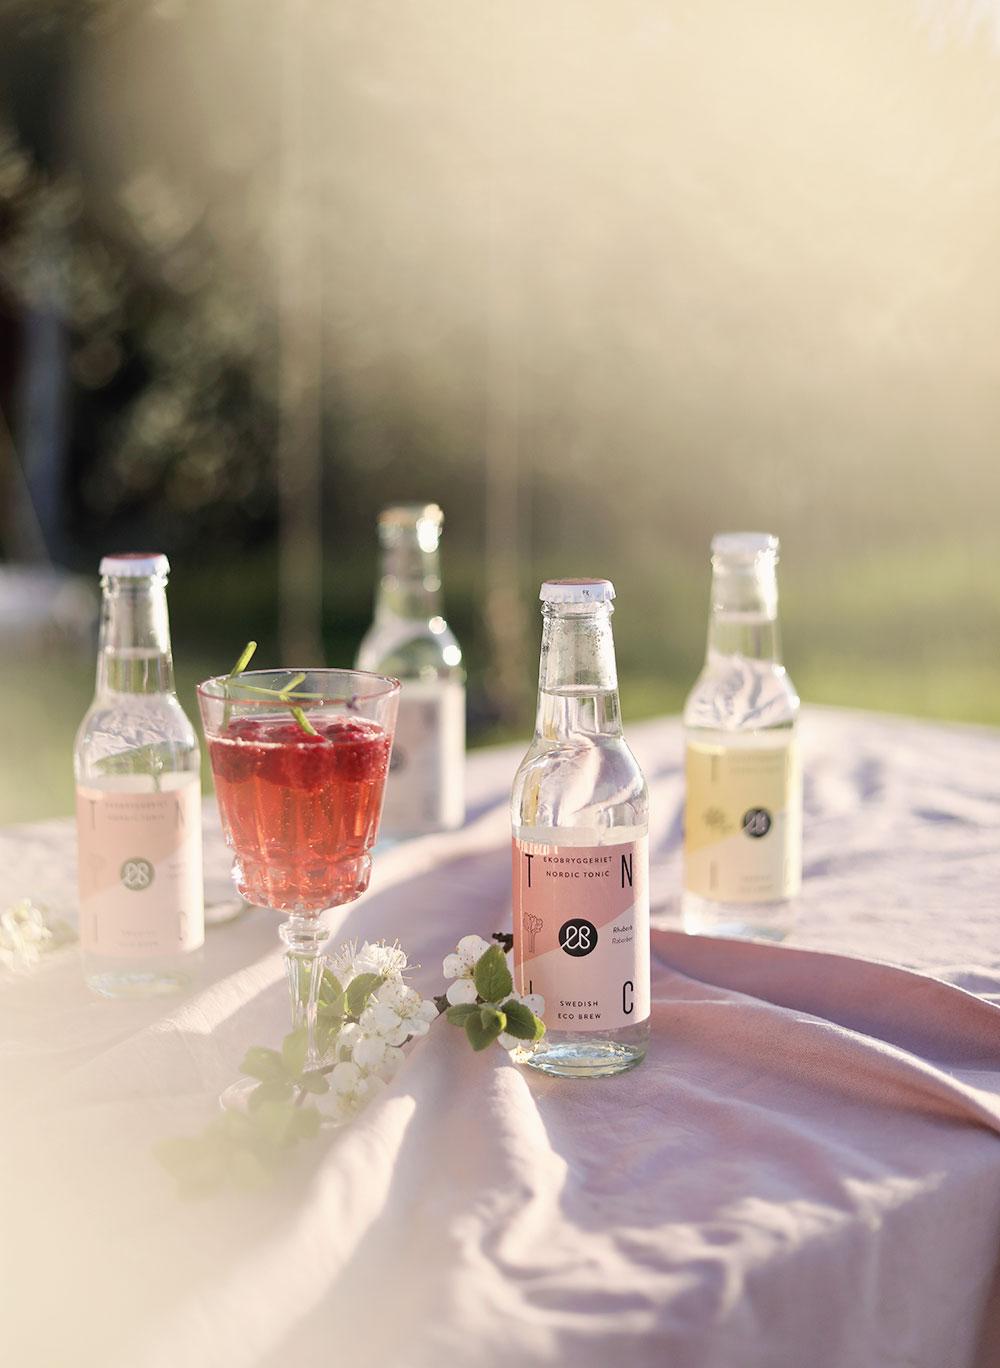 ekobryggeriet ekologisk drink ekologiska drinkar bär sommardrinkar rabarber